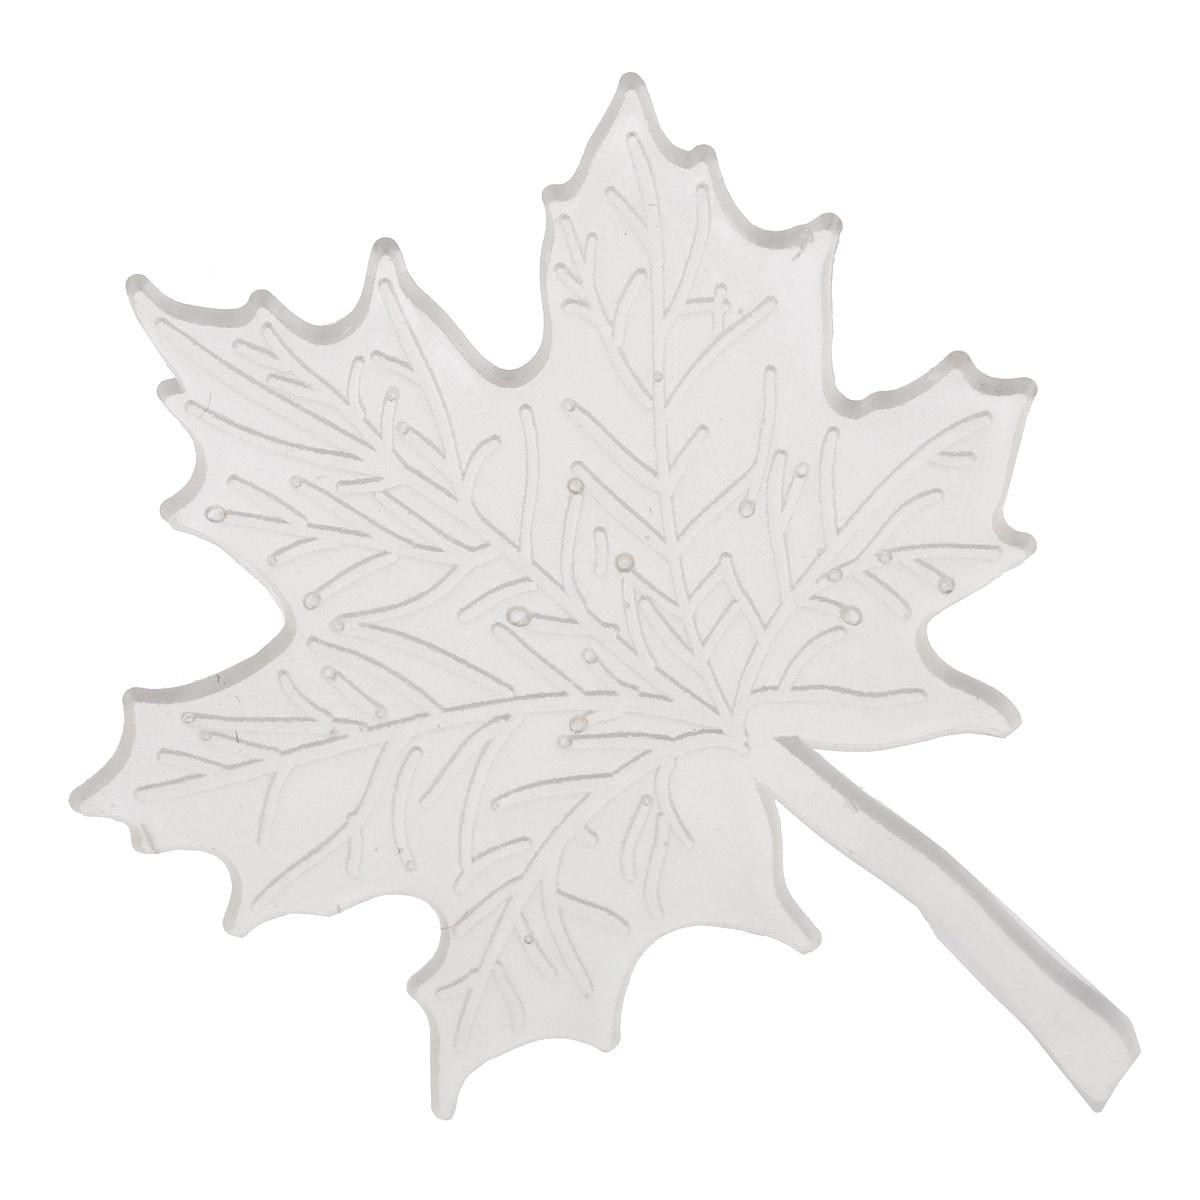 Штамп для мыла Выдумщики Кленовый лист, 5 см х 4 см2700000016176Штамп для мыла Выдумщики Кленовый лист, изготовленный из силикона, это прекрасный способ разнообразить кусочек мыла. Изделие выполнено в виде кленового листа. Силиконовые штампы изготавливаются по современным технологиям, поэтому они получаются пластичными и гладкими, с ровными краями, что существенно облегчает работу любителям домашнего скрапбукинга, мыловарения и декупажа. Инструкция по применению: - Уложите штамп в форму; - Залейте мыльной основой; - После полного застывания, выньте мыло из формы и удалите штамп. Размер штампа: 5 см х 4 см.